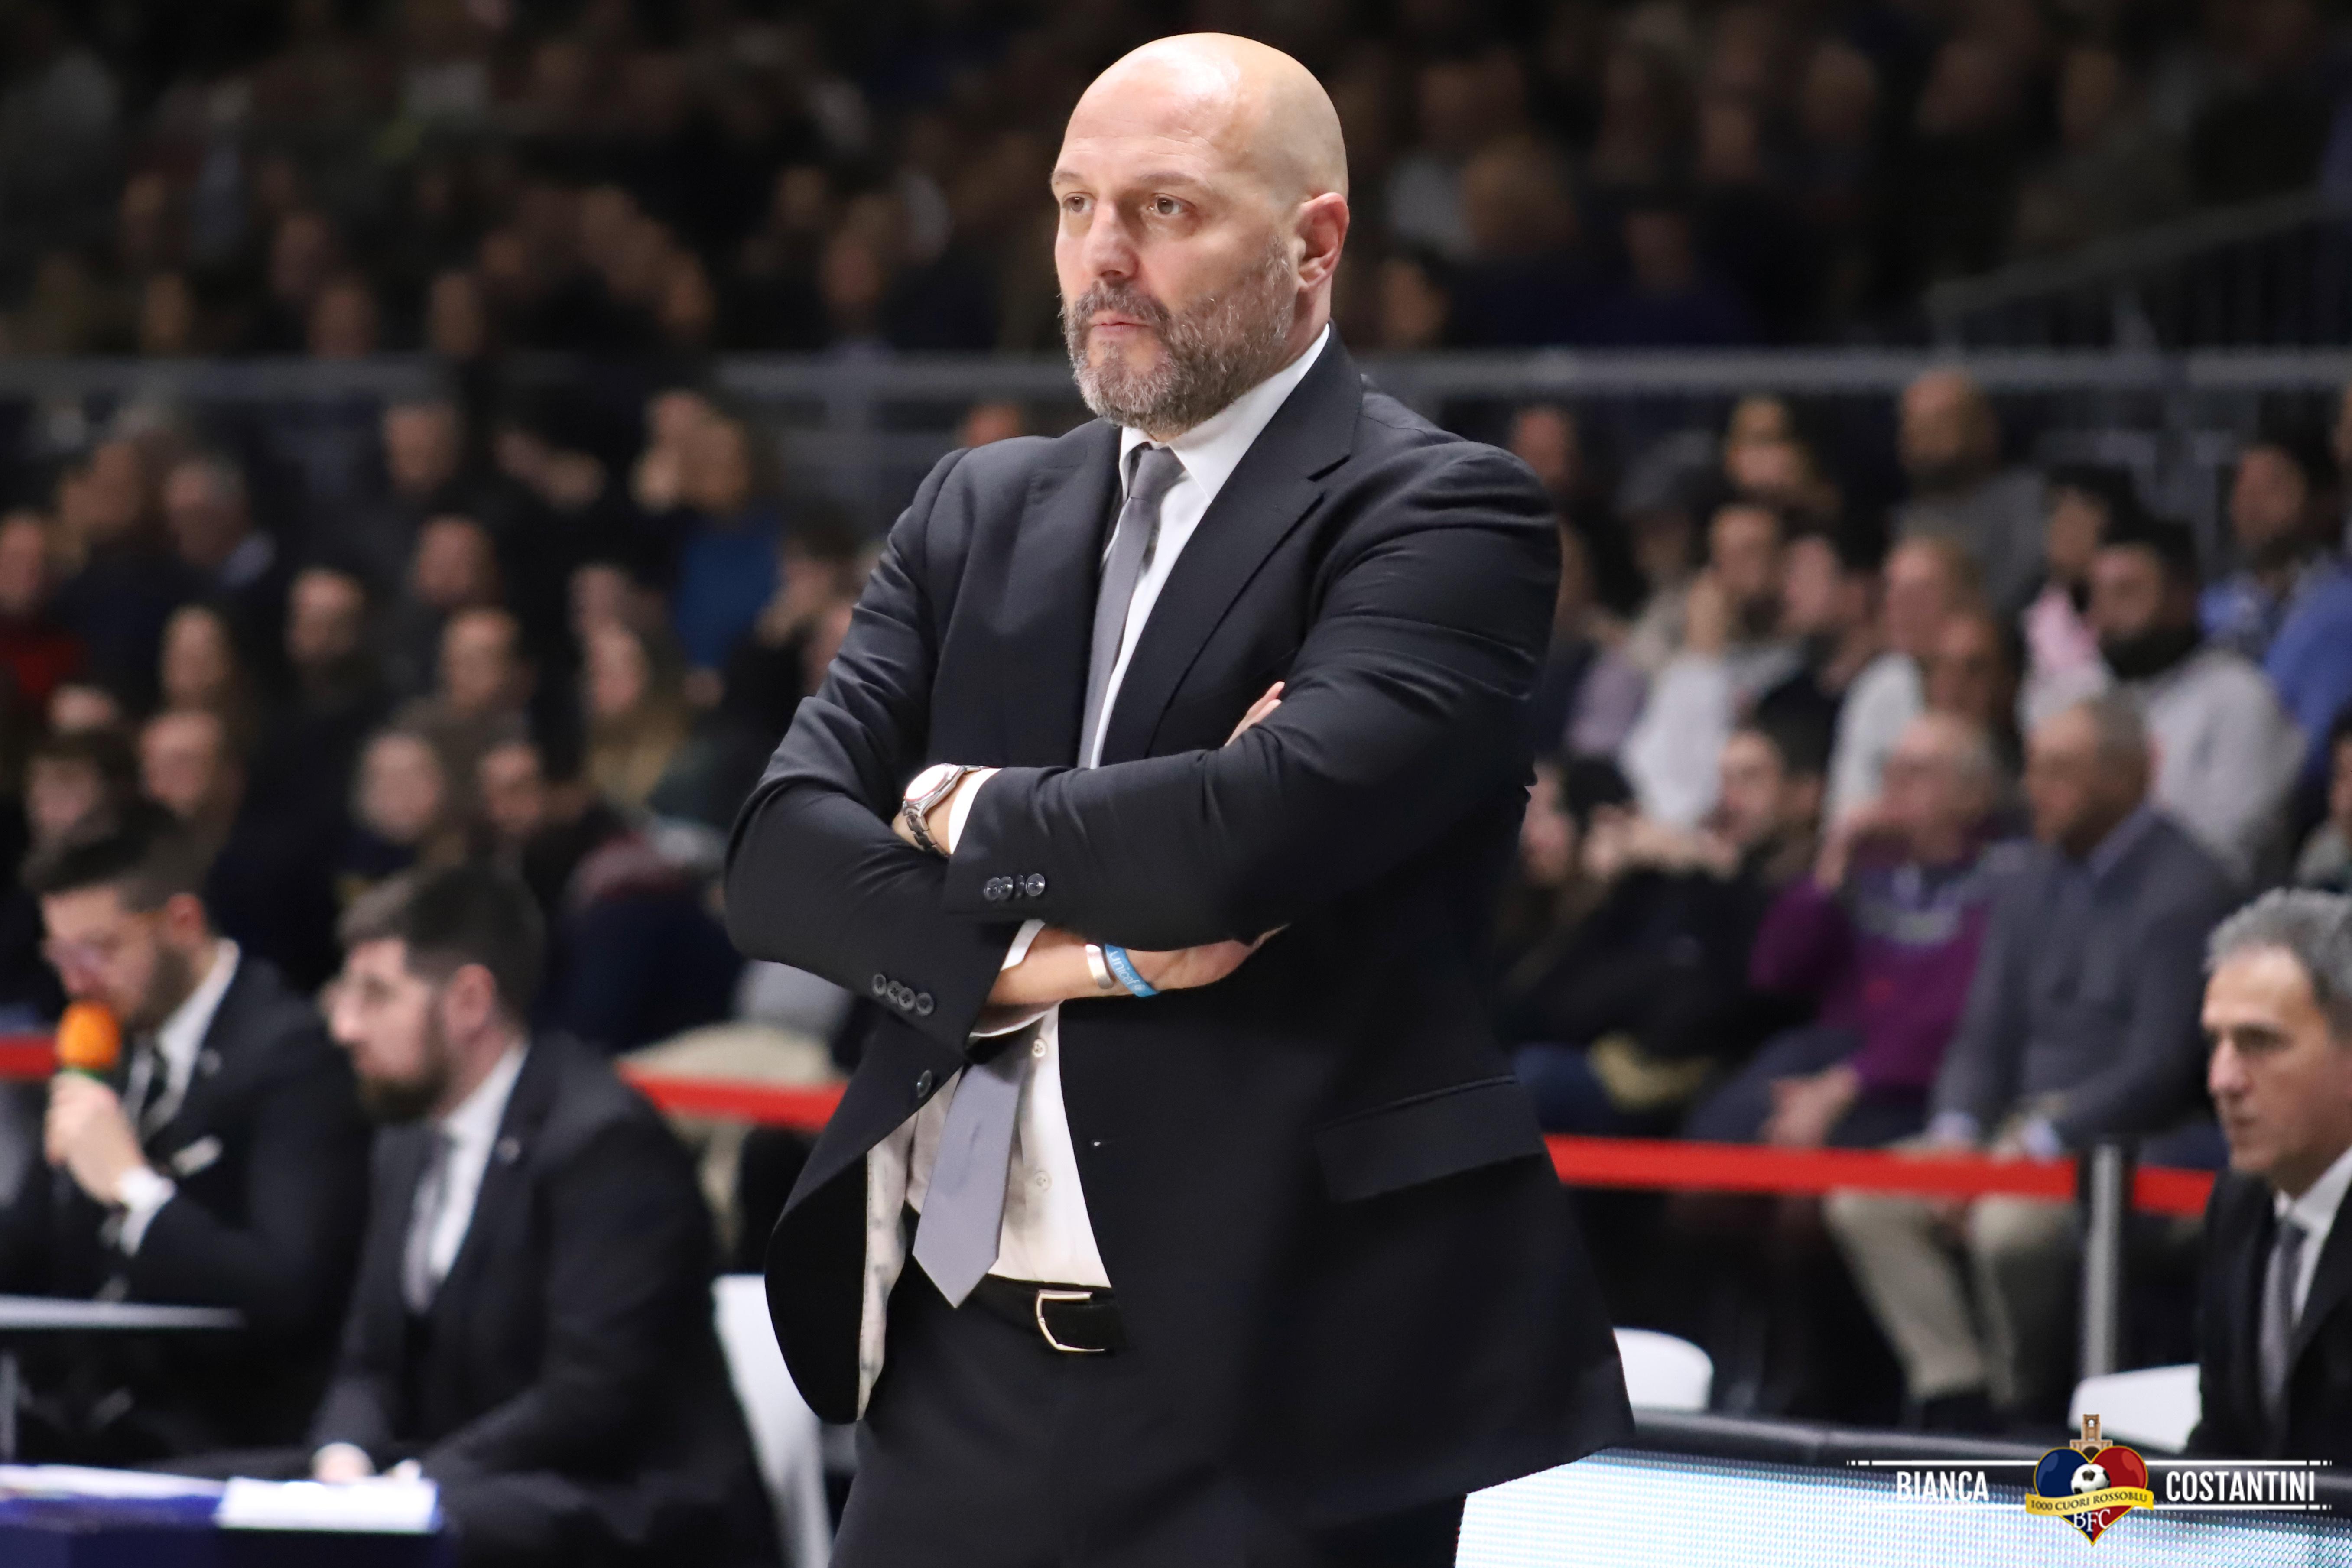 """Partizan Belgrado-Virtus Segafredo, il commento di Djordjevic nel post-partita: """"Abbiamo sbagliato l'approccio, loro sono stati più pronti mentalmente e fisicamente"""""""